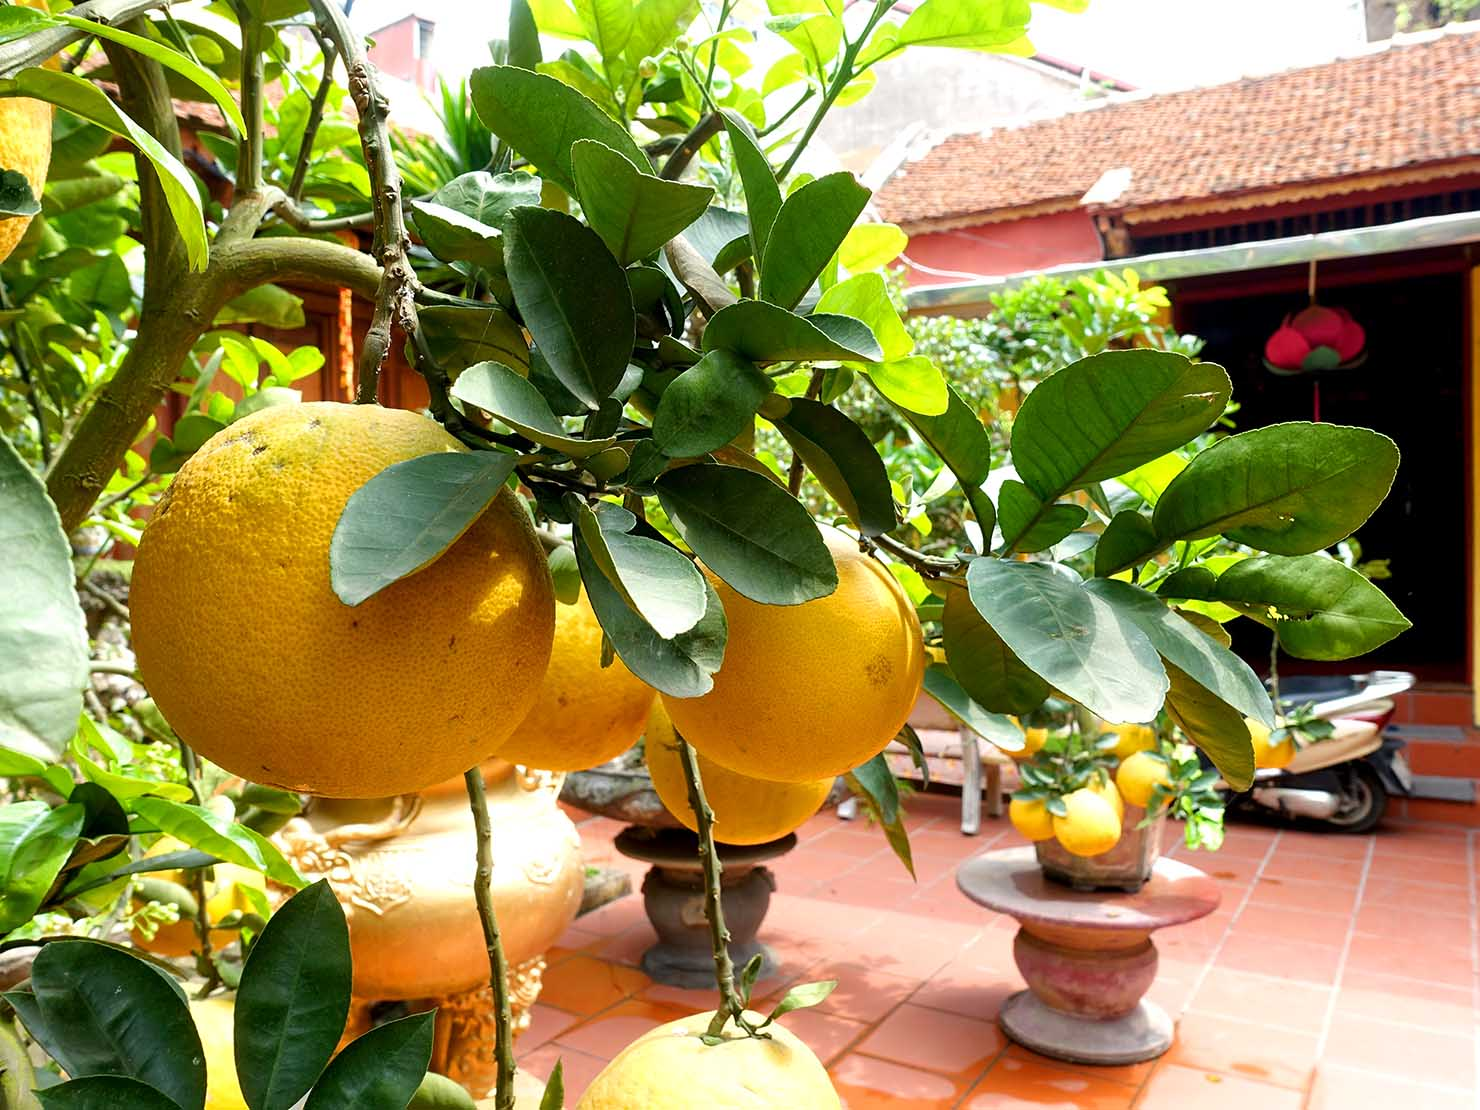 ベトナム・ハノイ旧市街の廟に植わる柑橘類の木